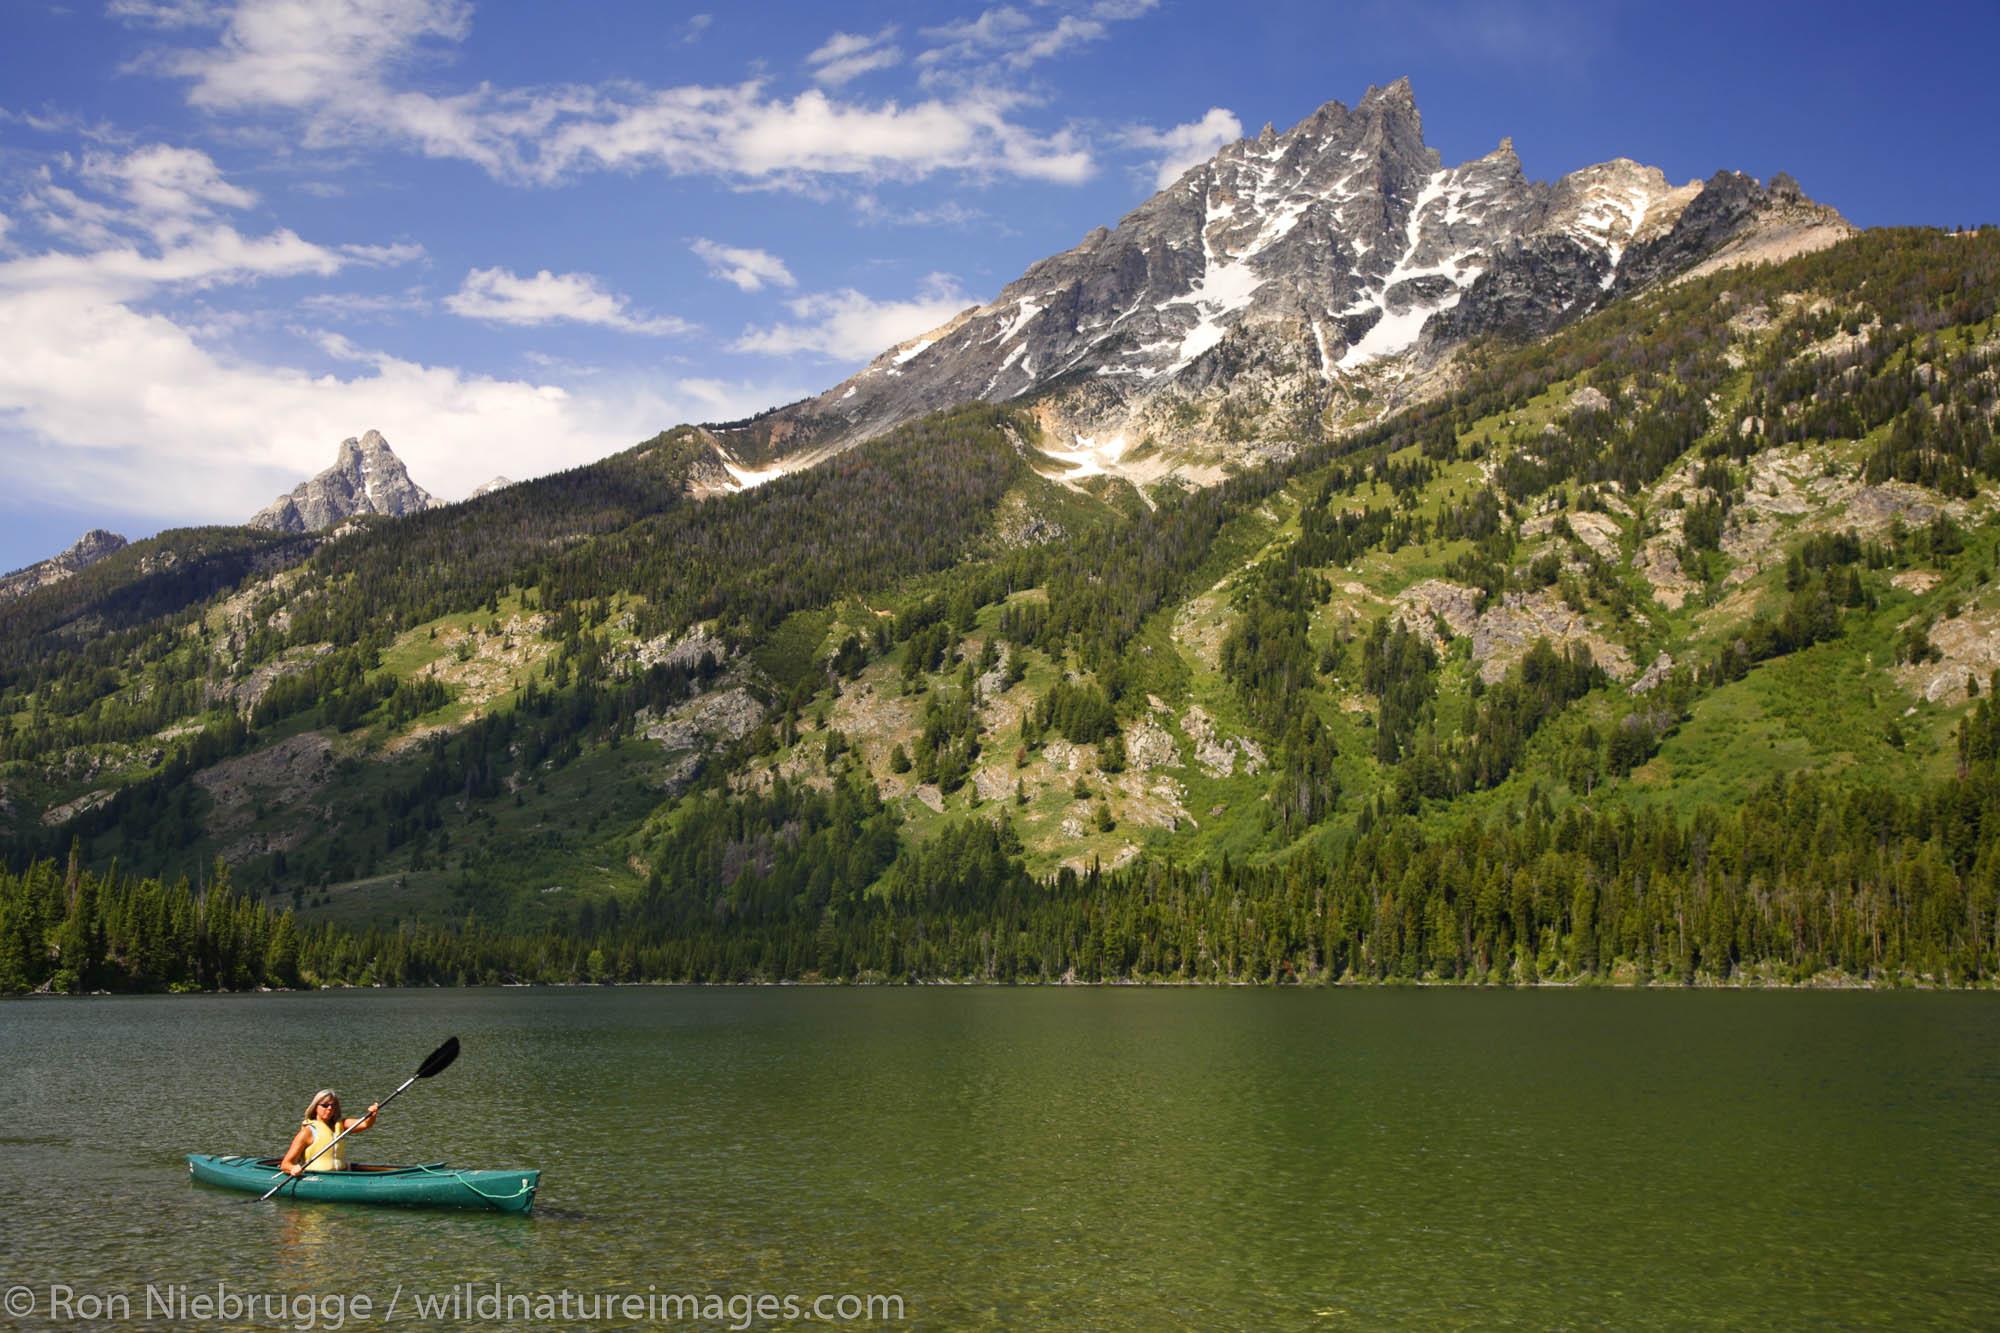 Kayaking on Jenny Lake, Grand Teton National Park, Wyoming. (MR)